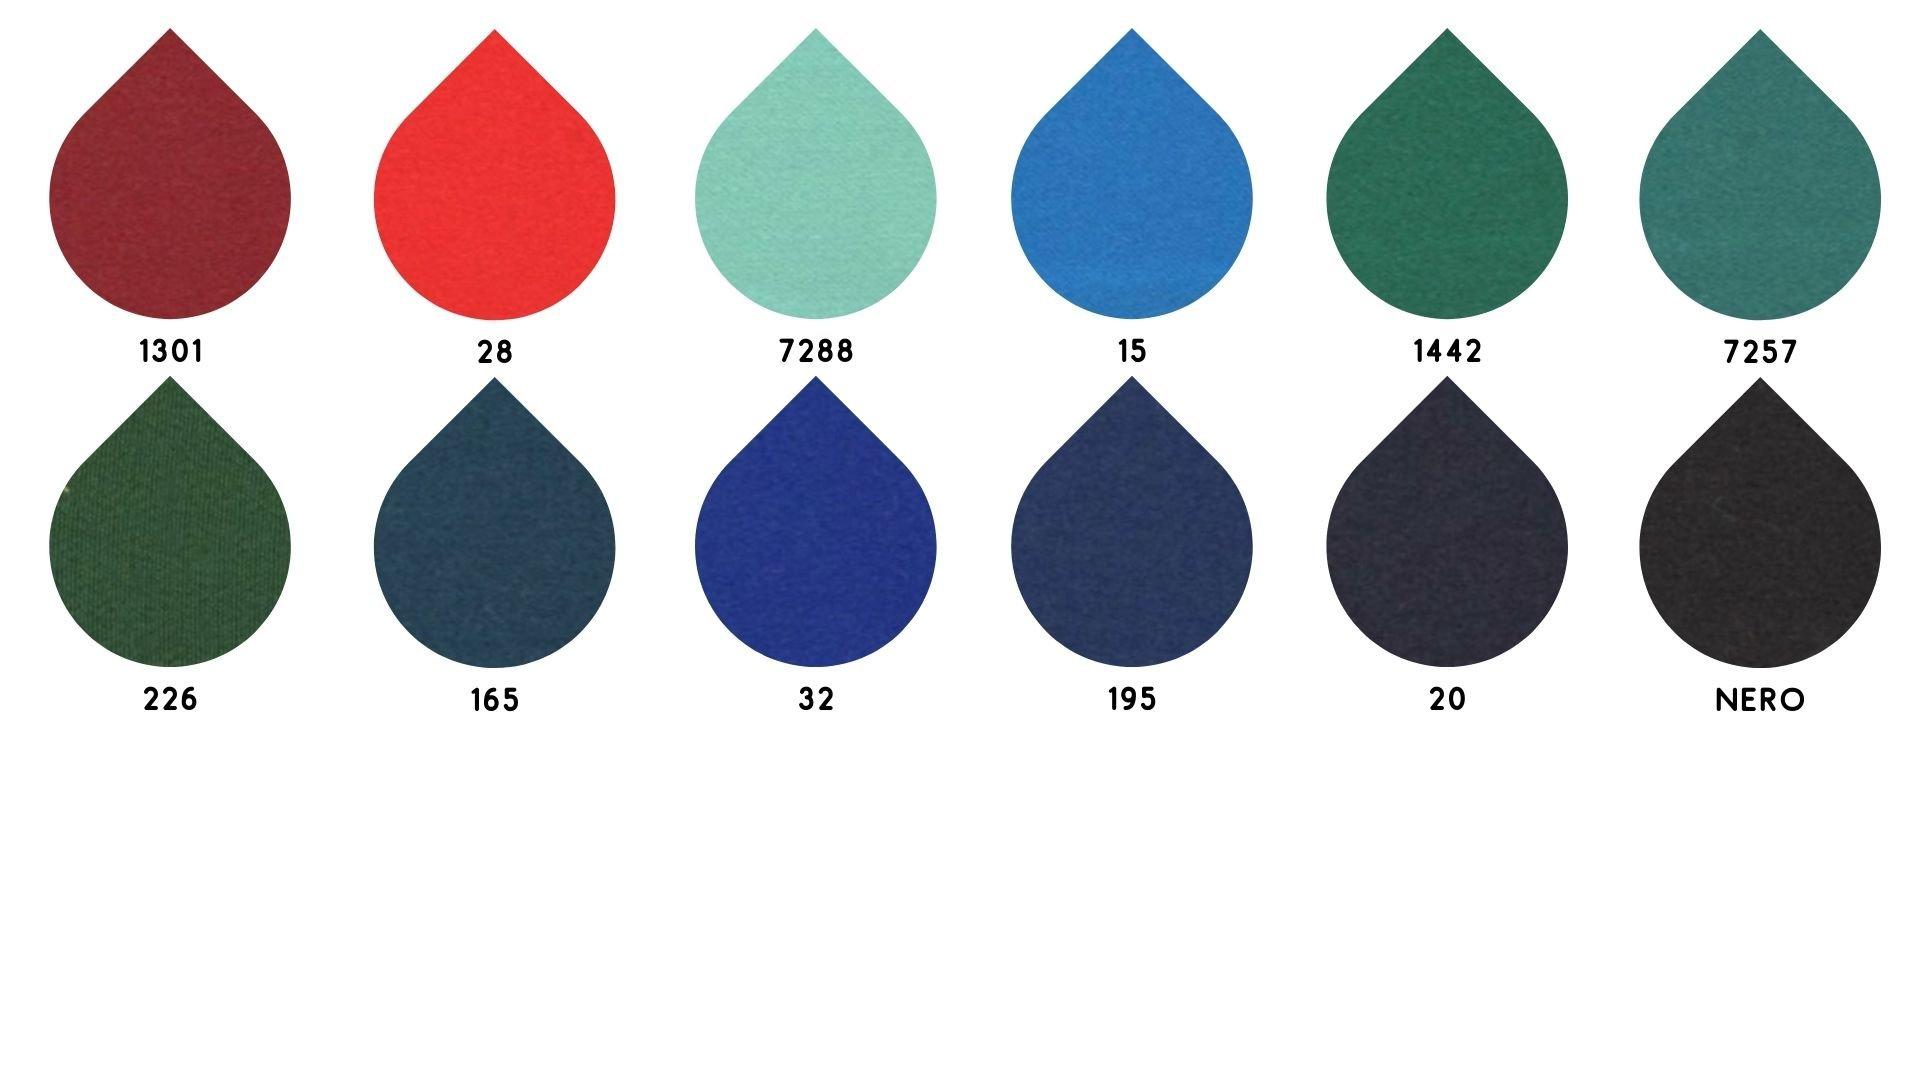 la cartella colore del tessuto 5329 di Leadford & Logan